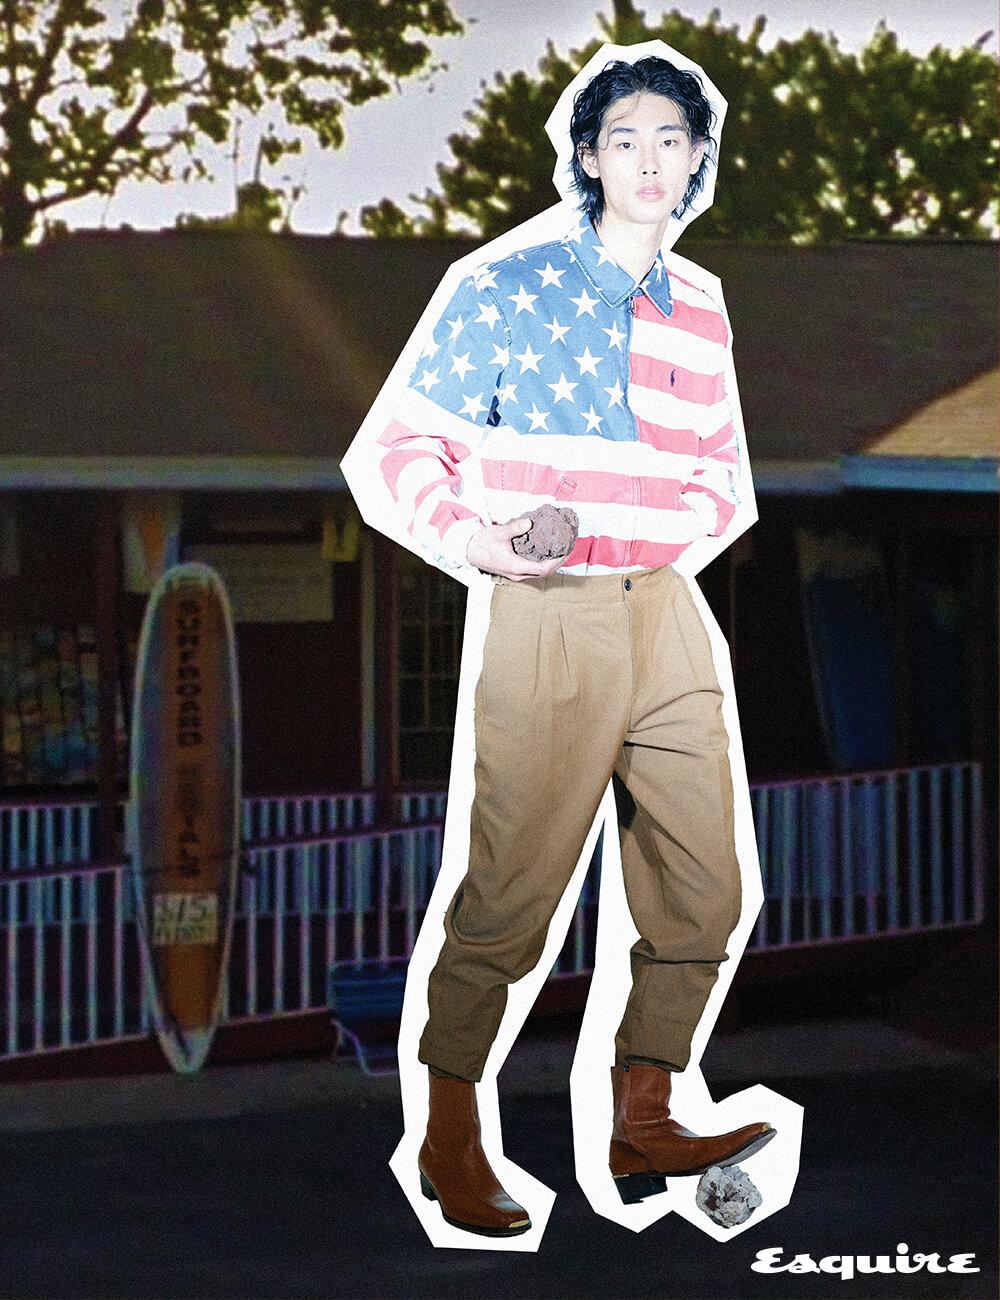 성조기 무늬 집업 재킷 가격 미정 폴로 랄프 로렌. 캐멀색 바지 가격 미정 에르메스. 캐멀색 부츠 가격 미정 우영미.